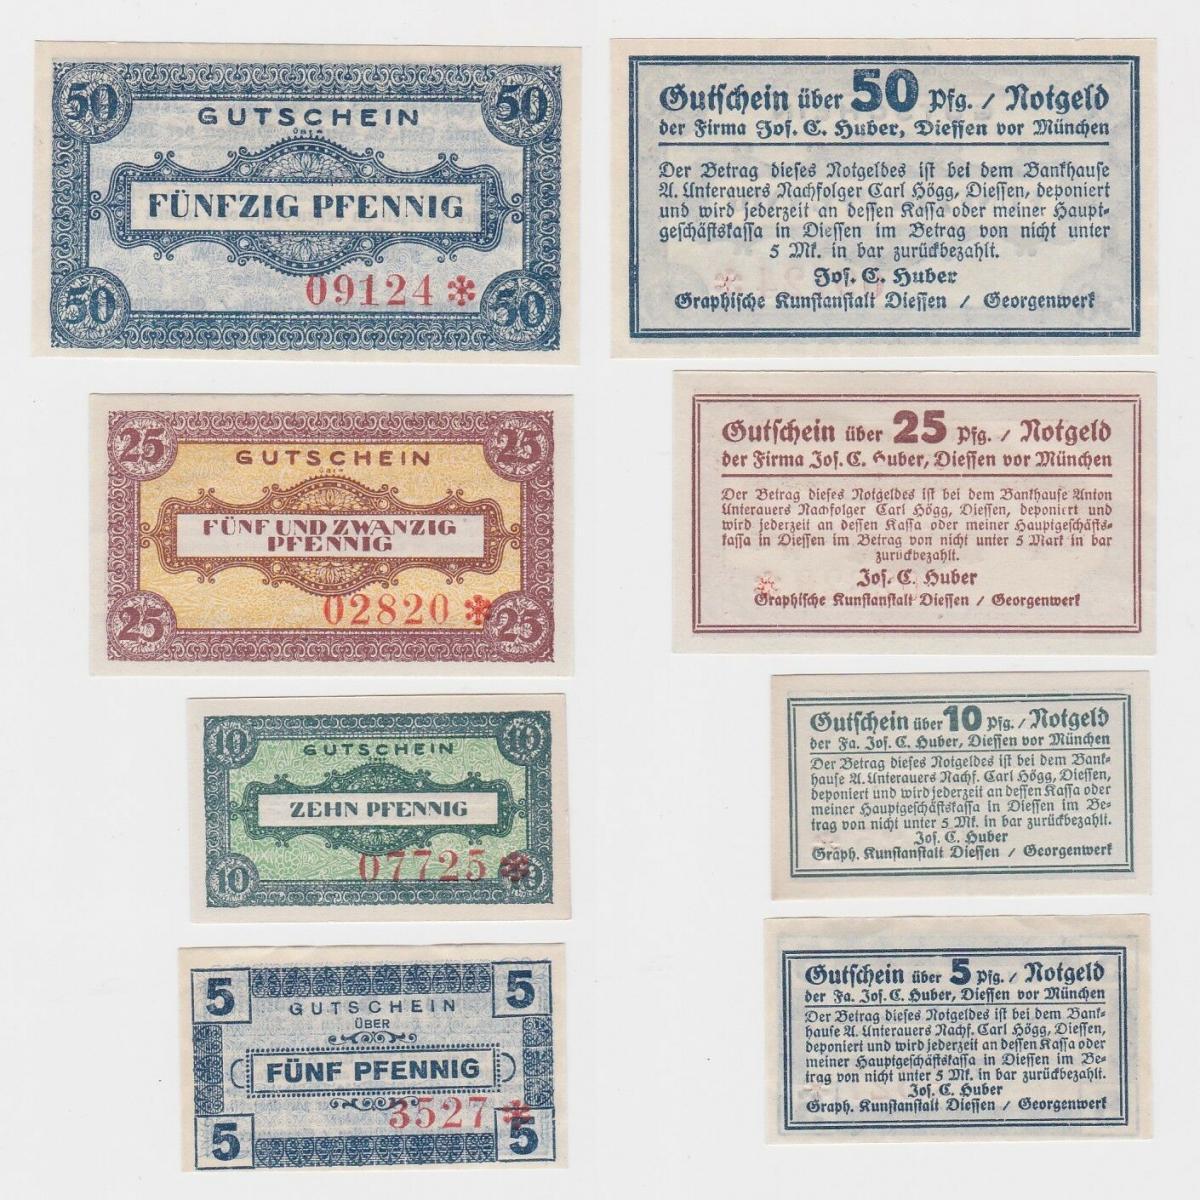 4 Banknoten Notgeld Diessen Vor München Joschuber Um 1920 124869